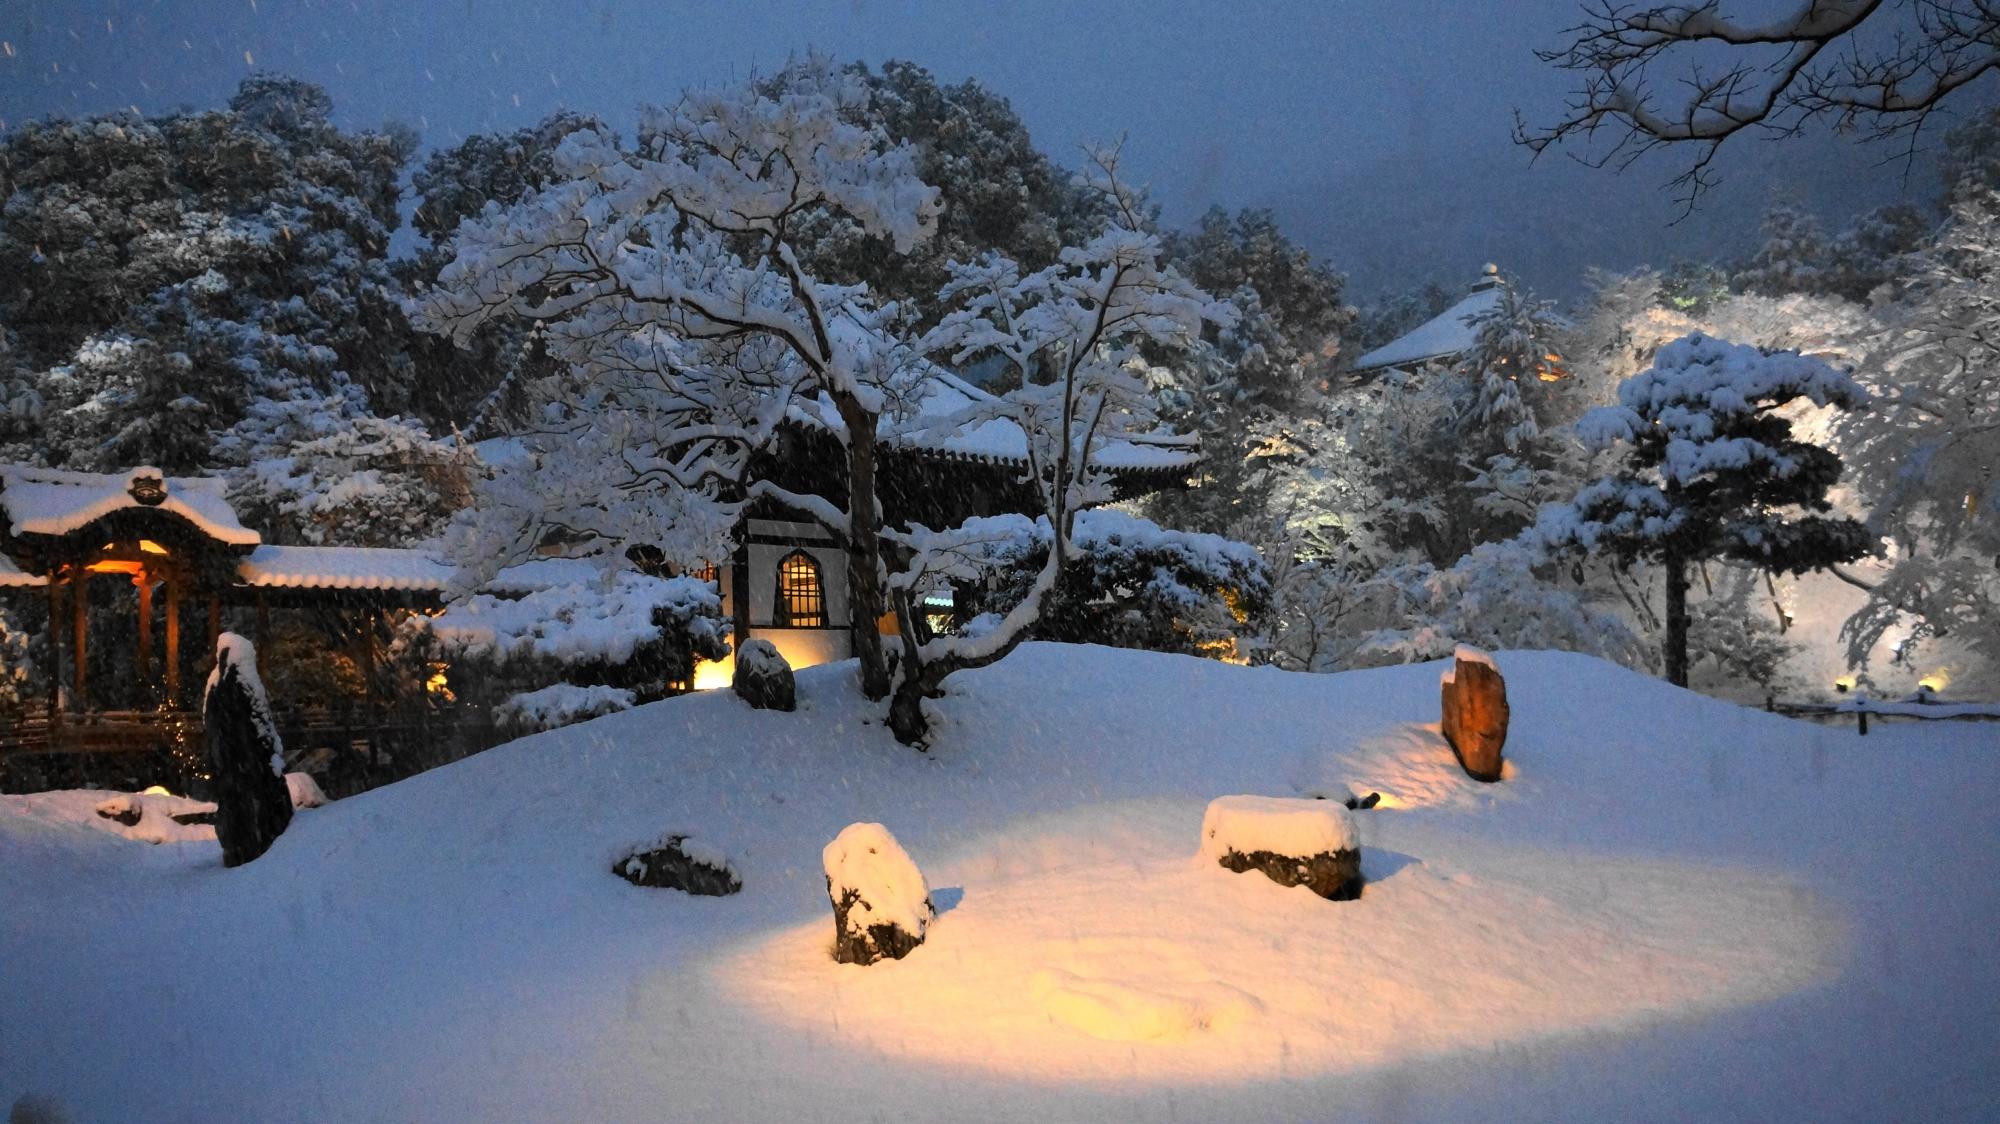 素晴らしい雪景色を演出するライトや明り